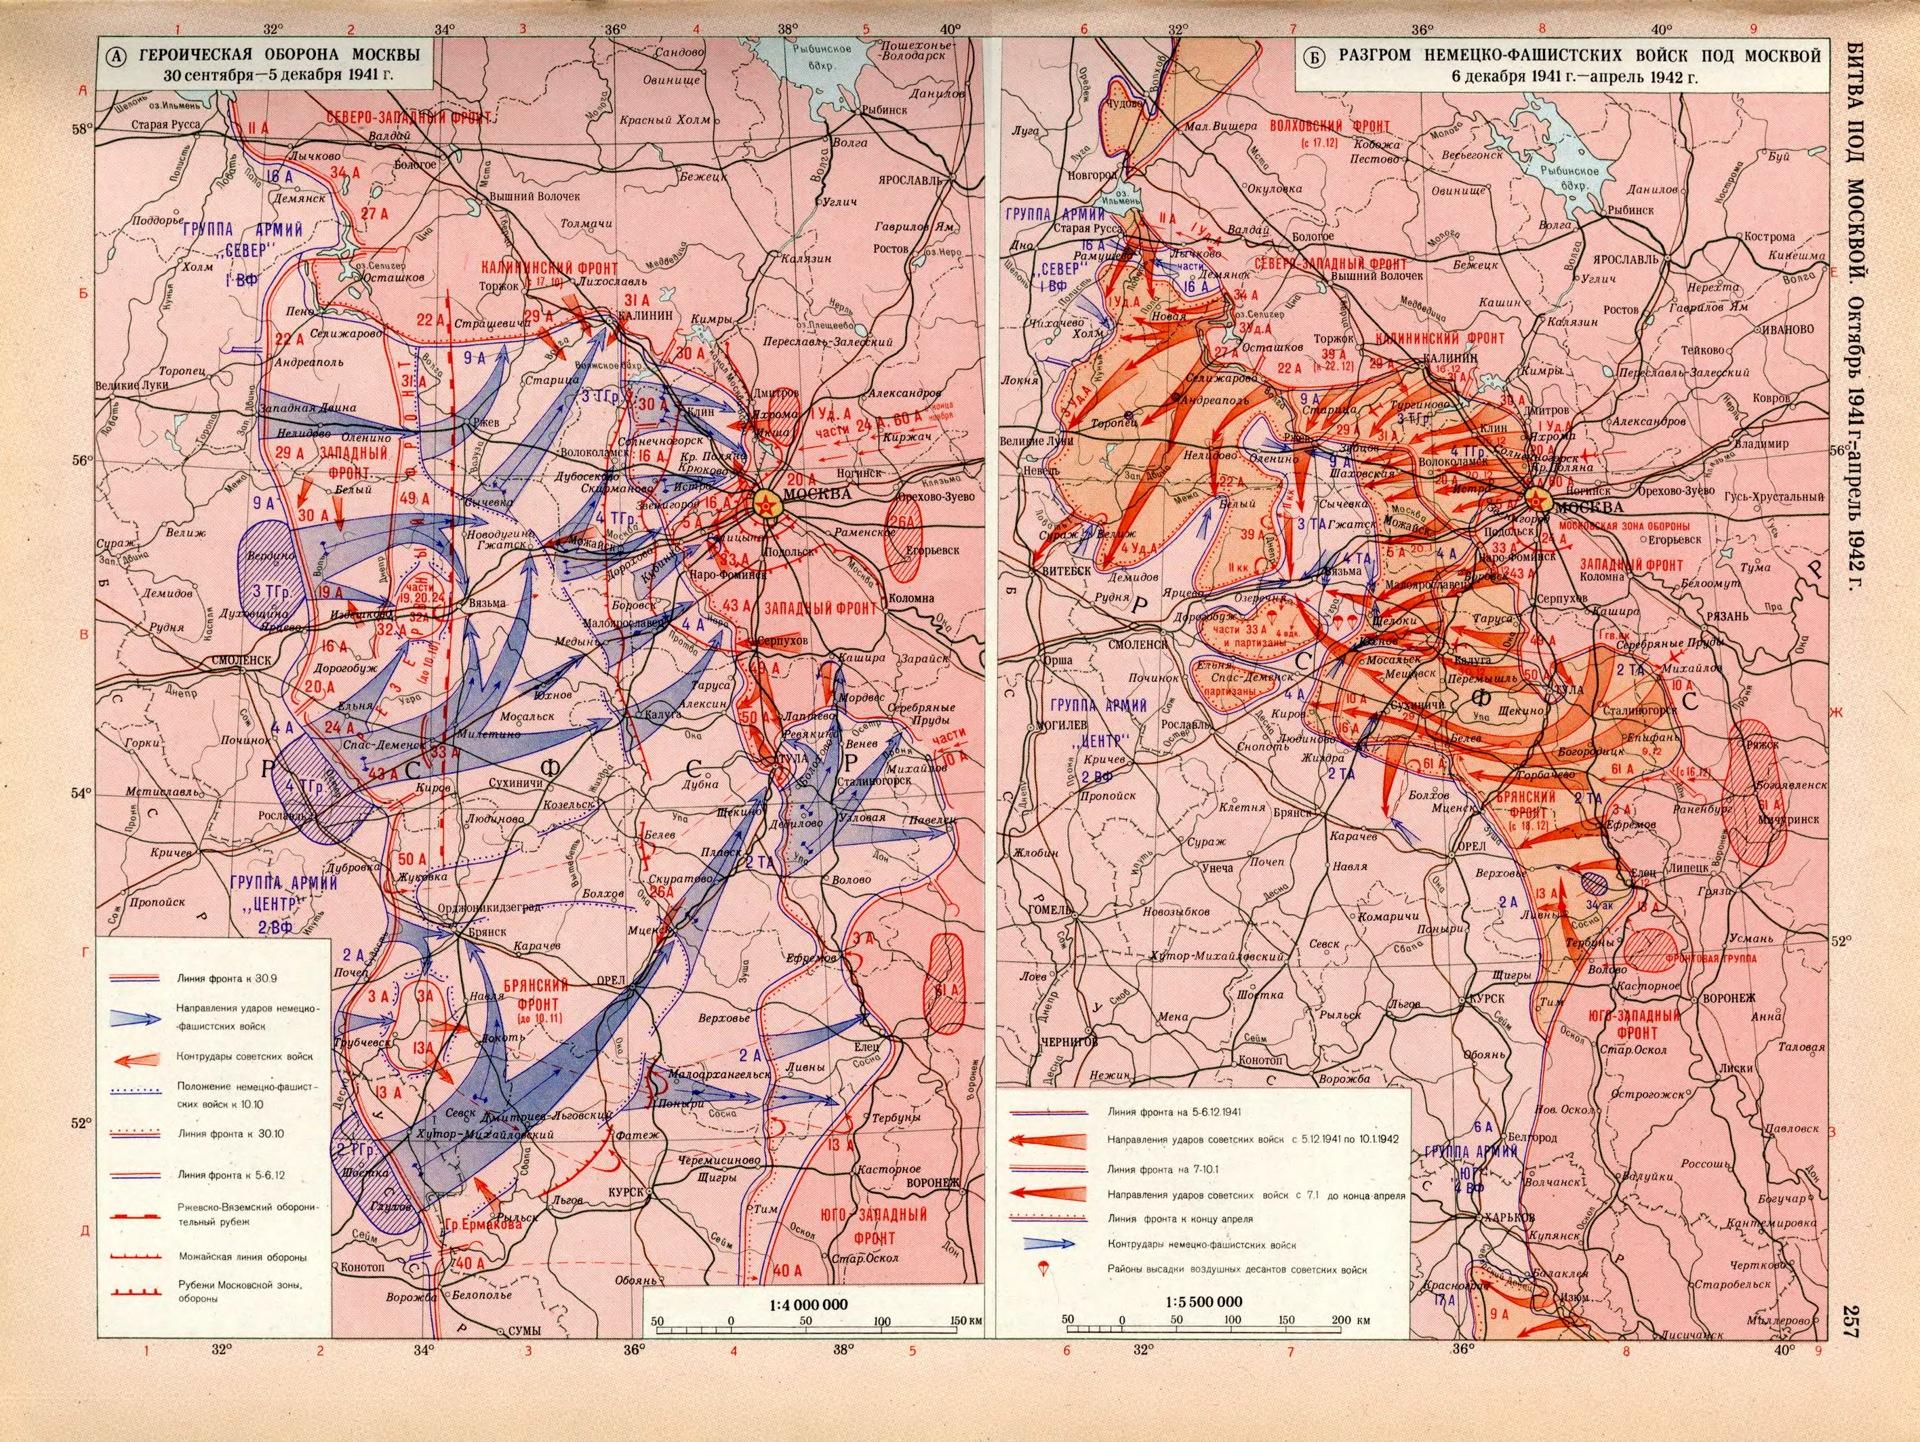 5 декабря 1941 года вошел в историю как день начала контрнаступления советских войск в битве под москвой